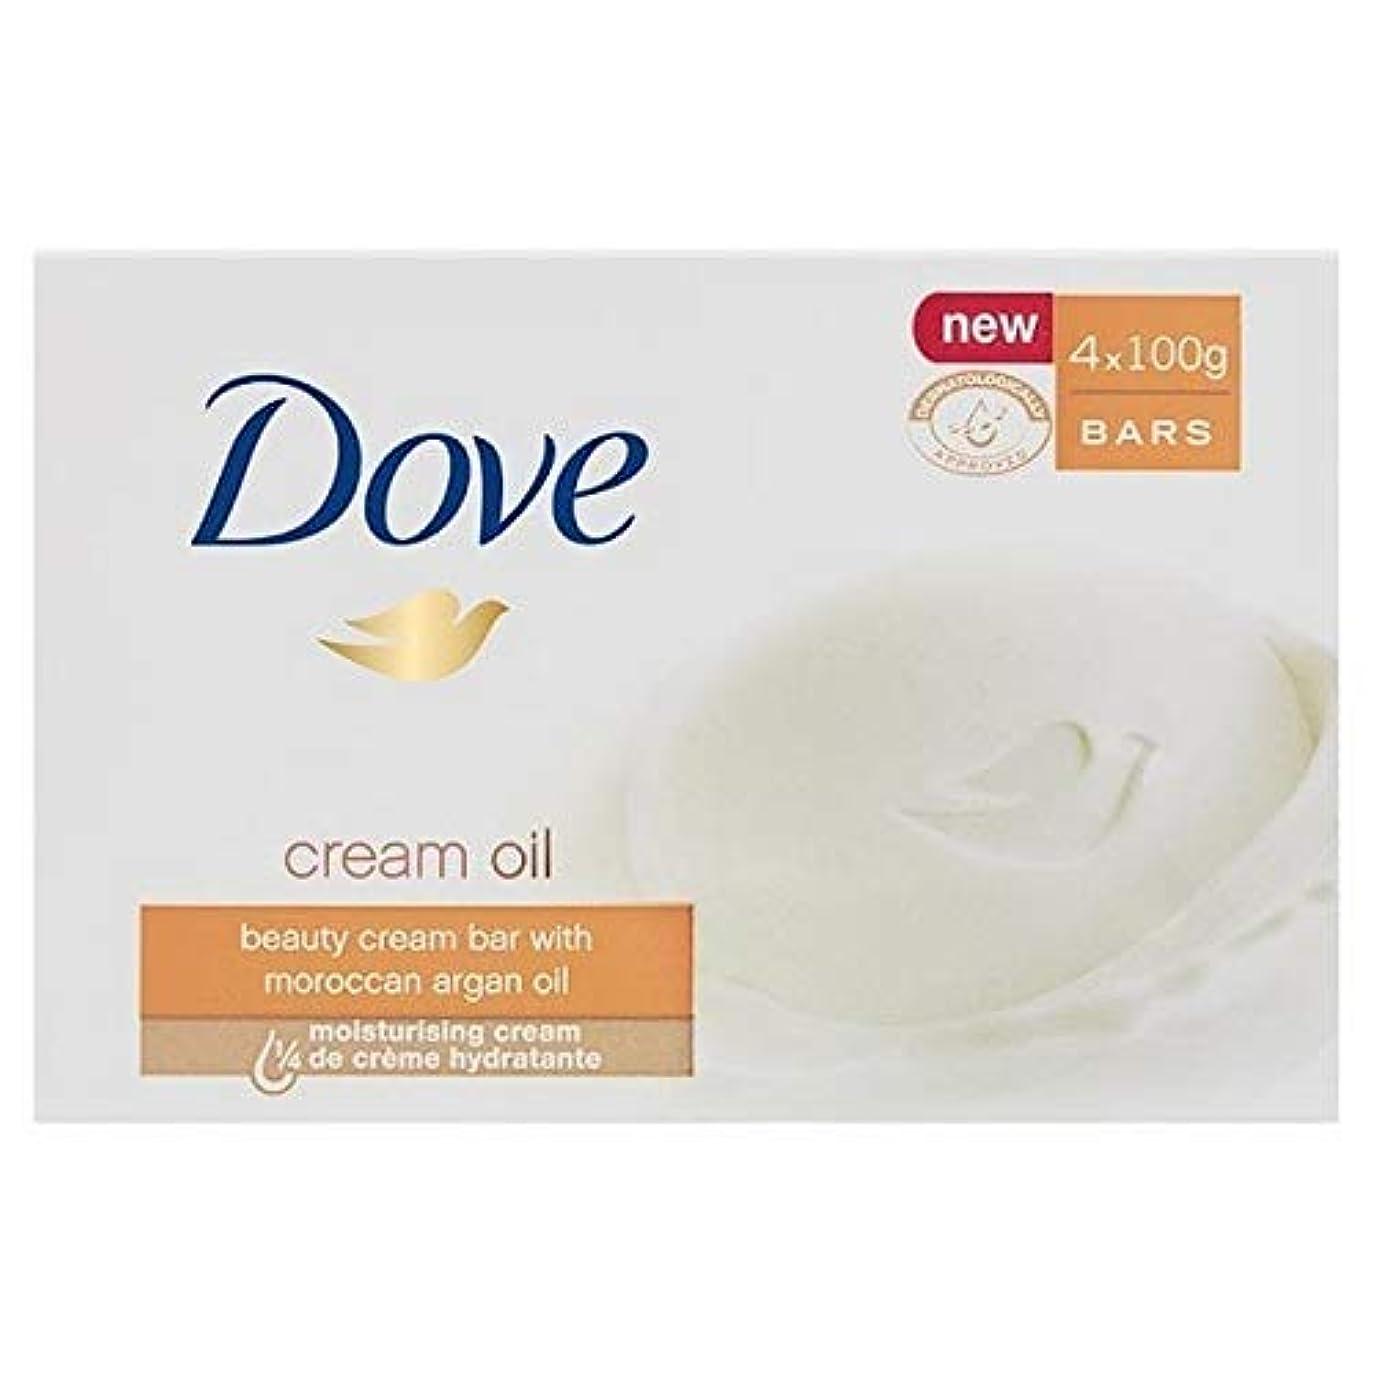 終了する少ないカロリー[Dove ] アルガンオイル美容クリーム石鹸4×100グラムを剥離鳩 - Dove Exfoliating Argan Oil Beauty Cream Soap Bar 4 x 100g [並行輸入品]